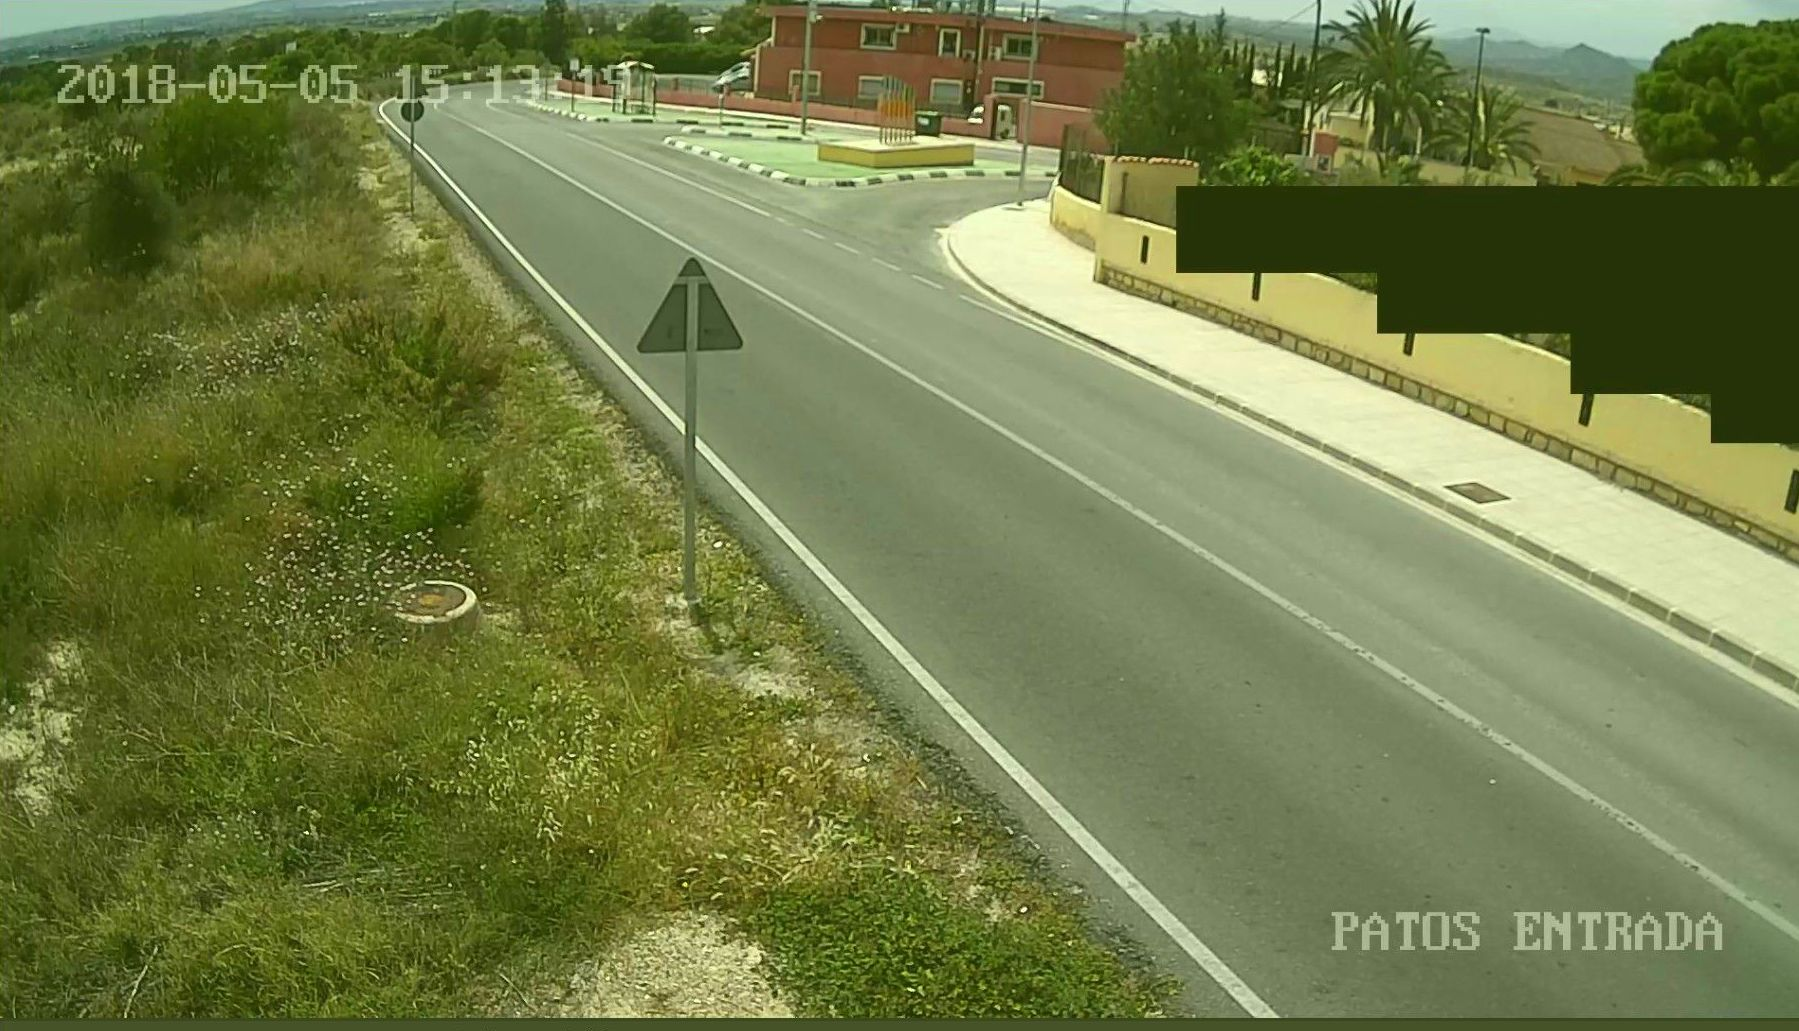 Foto 5 de Sistemas de seguridad en Alicante | Securiman